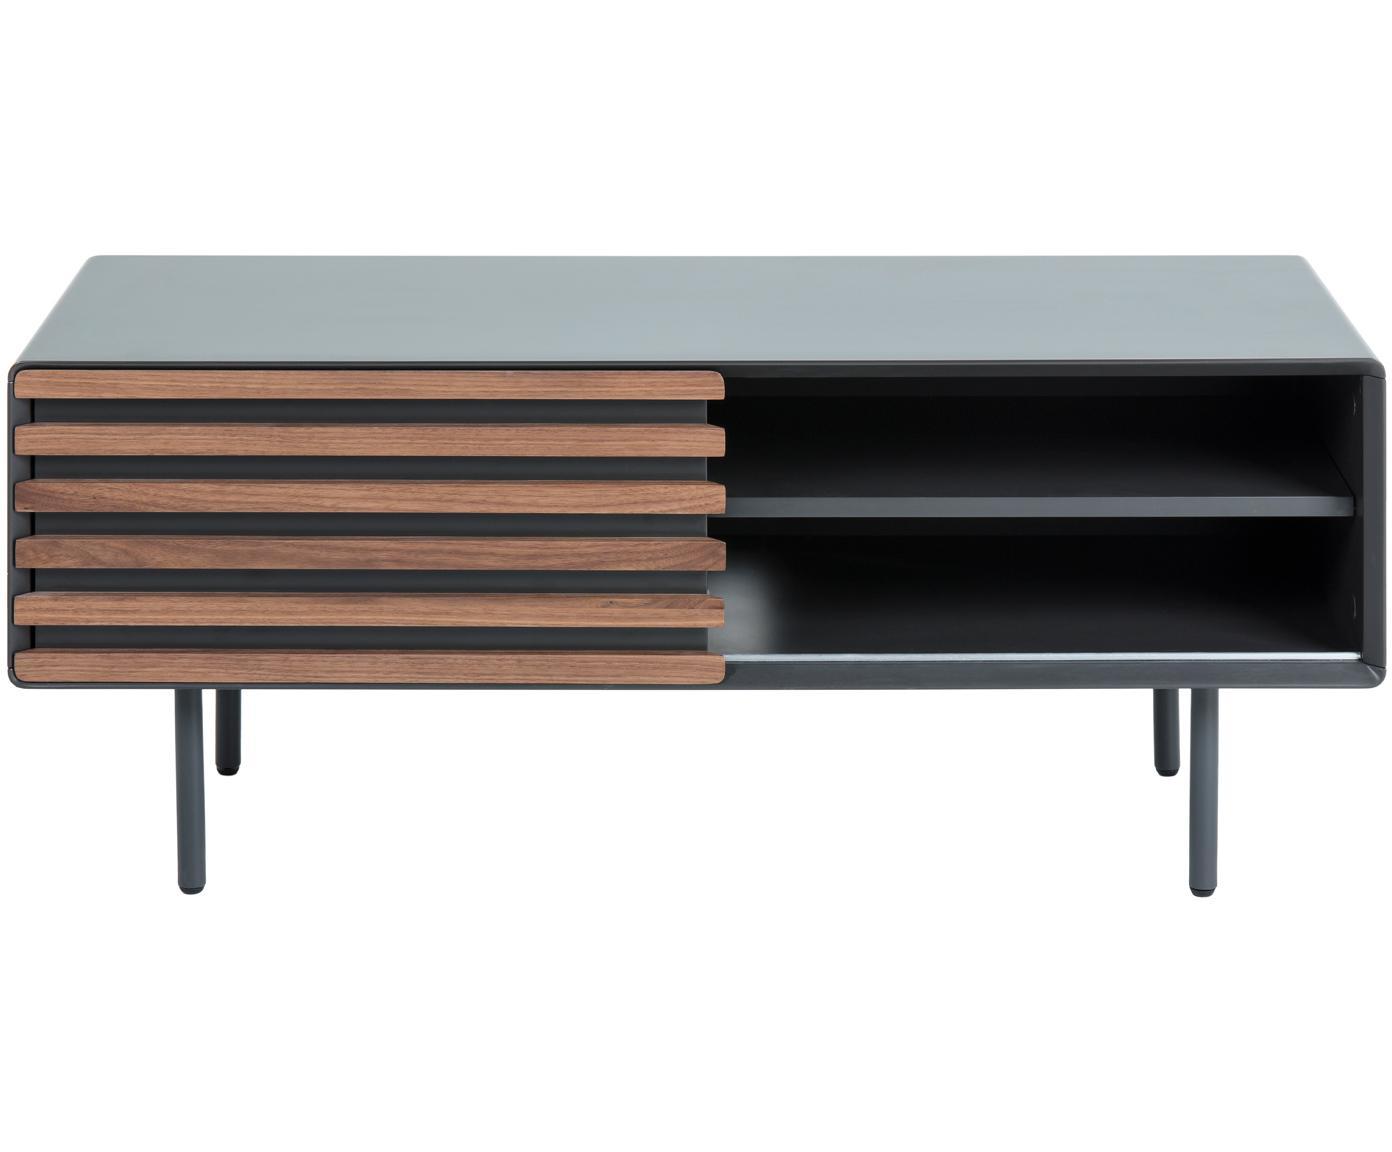 Tv-meubel Kesia met walnoothoutfineer, Grafietgrijs walnootkleurig, 120 x 49 cm